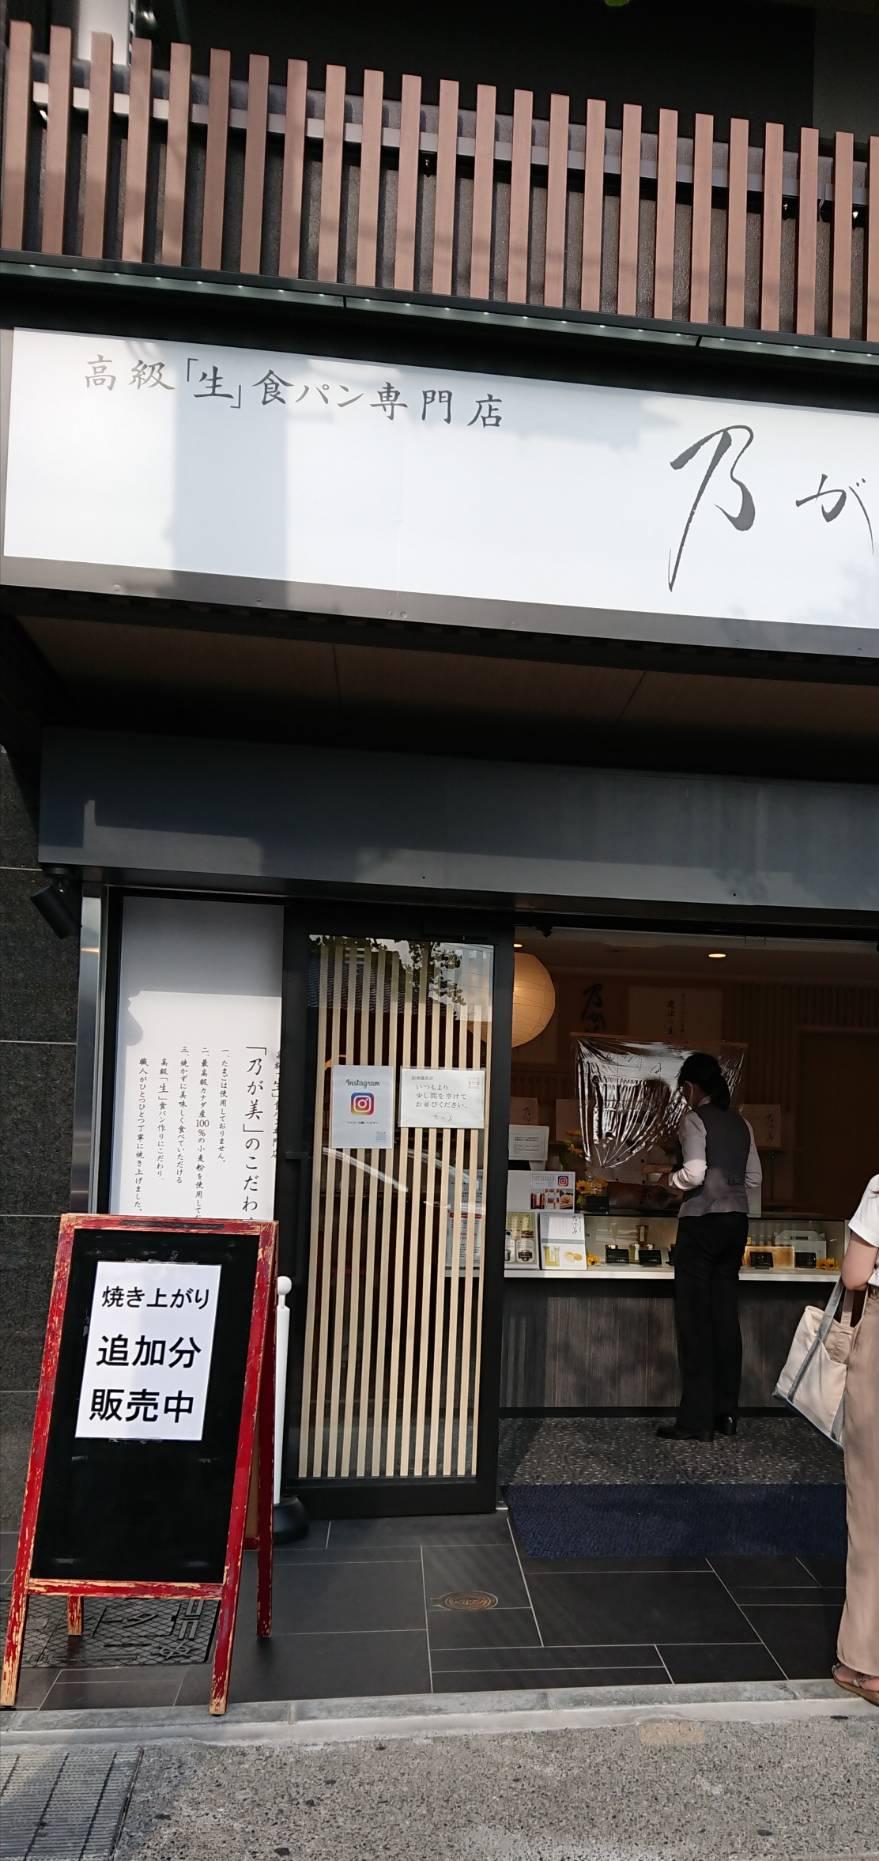 【枚方店】乃が美 はなれ 山科販売店 (京都市山科区)